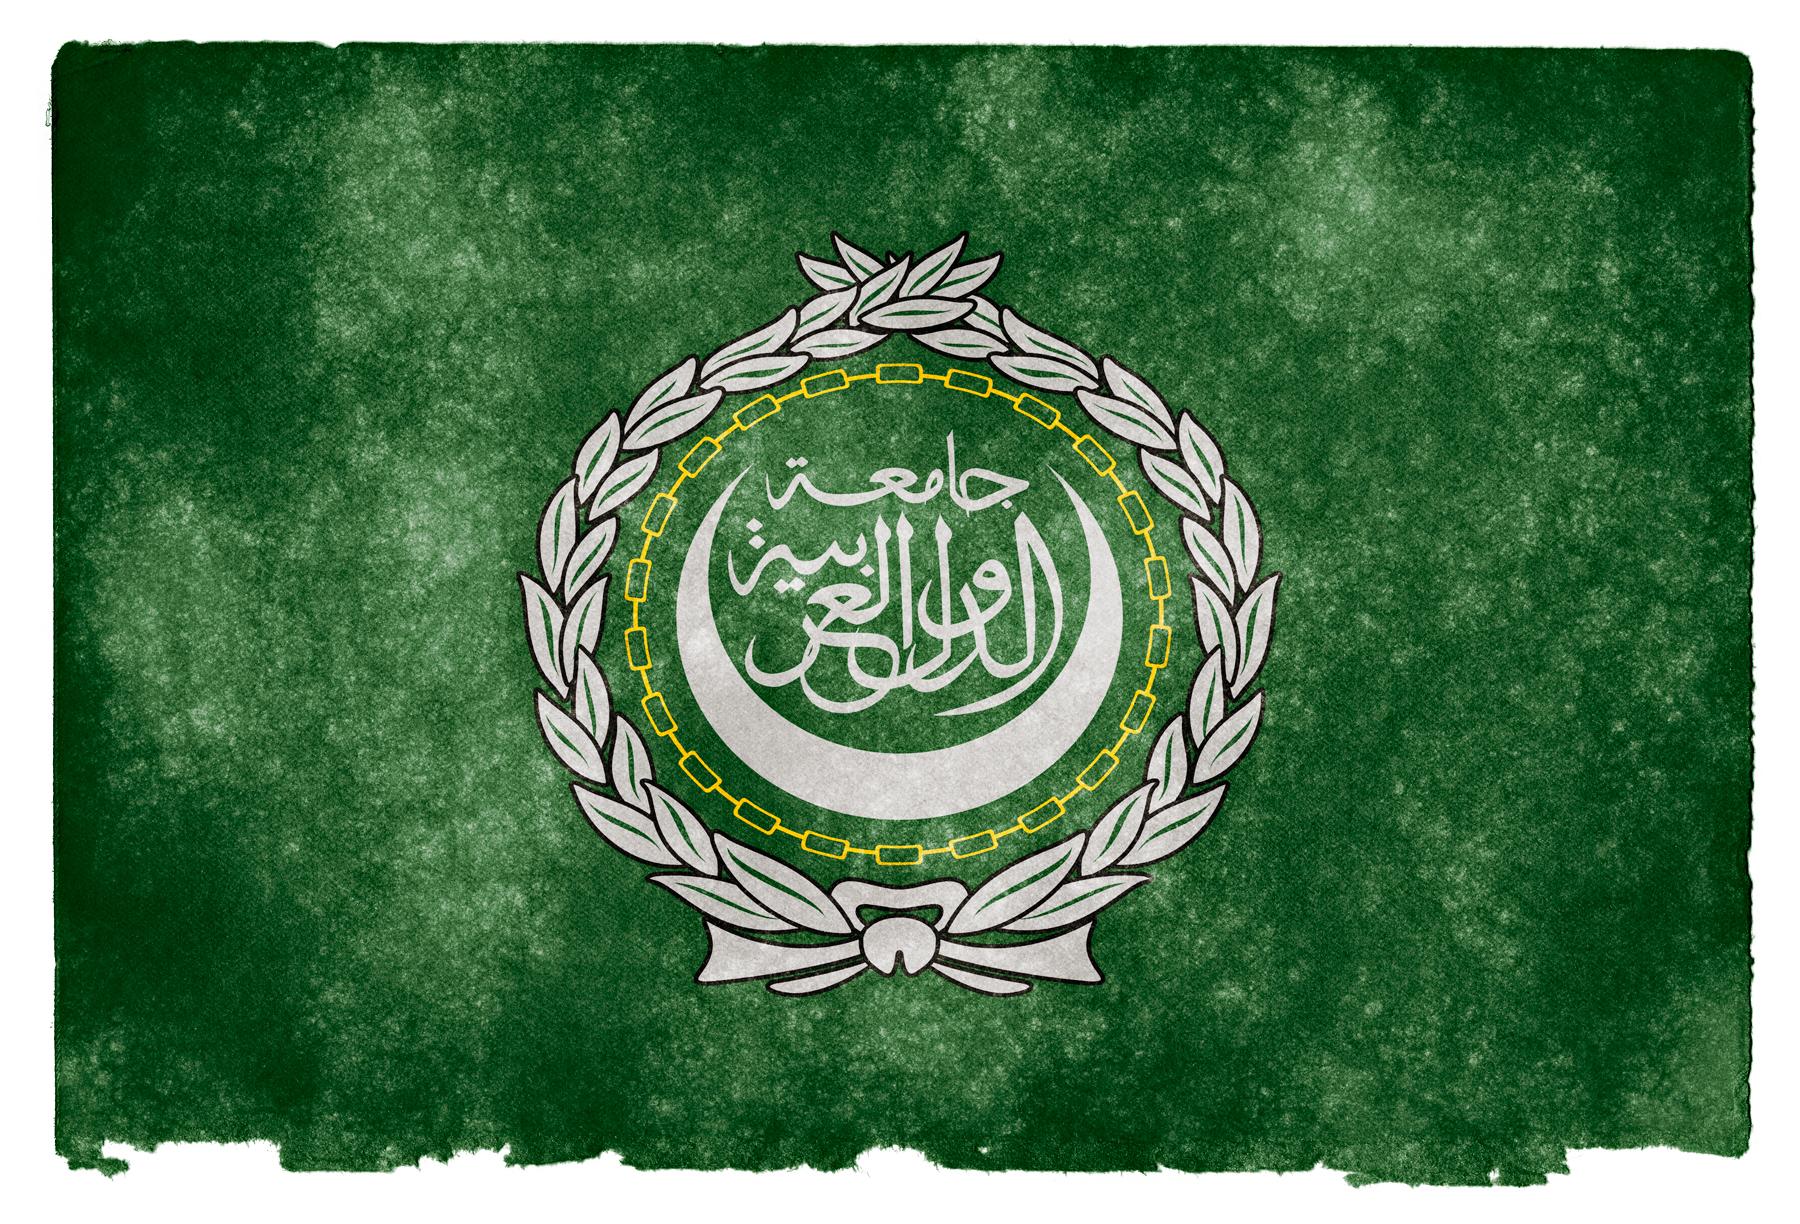 Arab league grunge flag photo